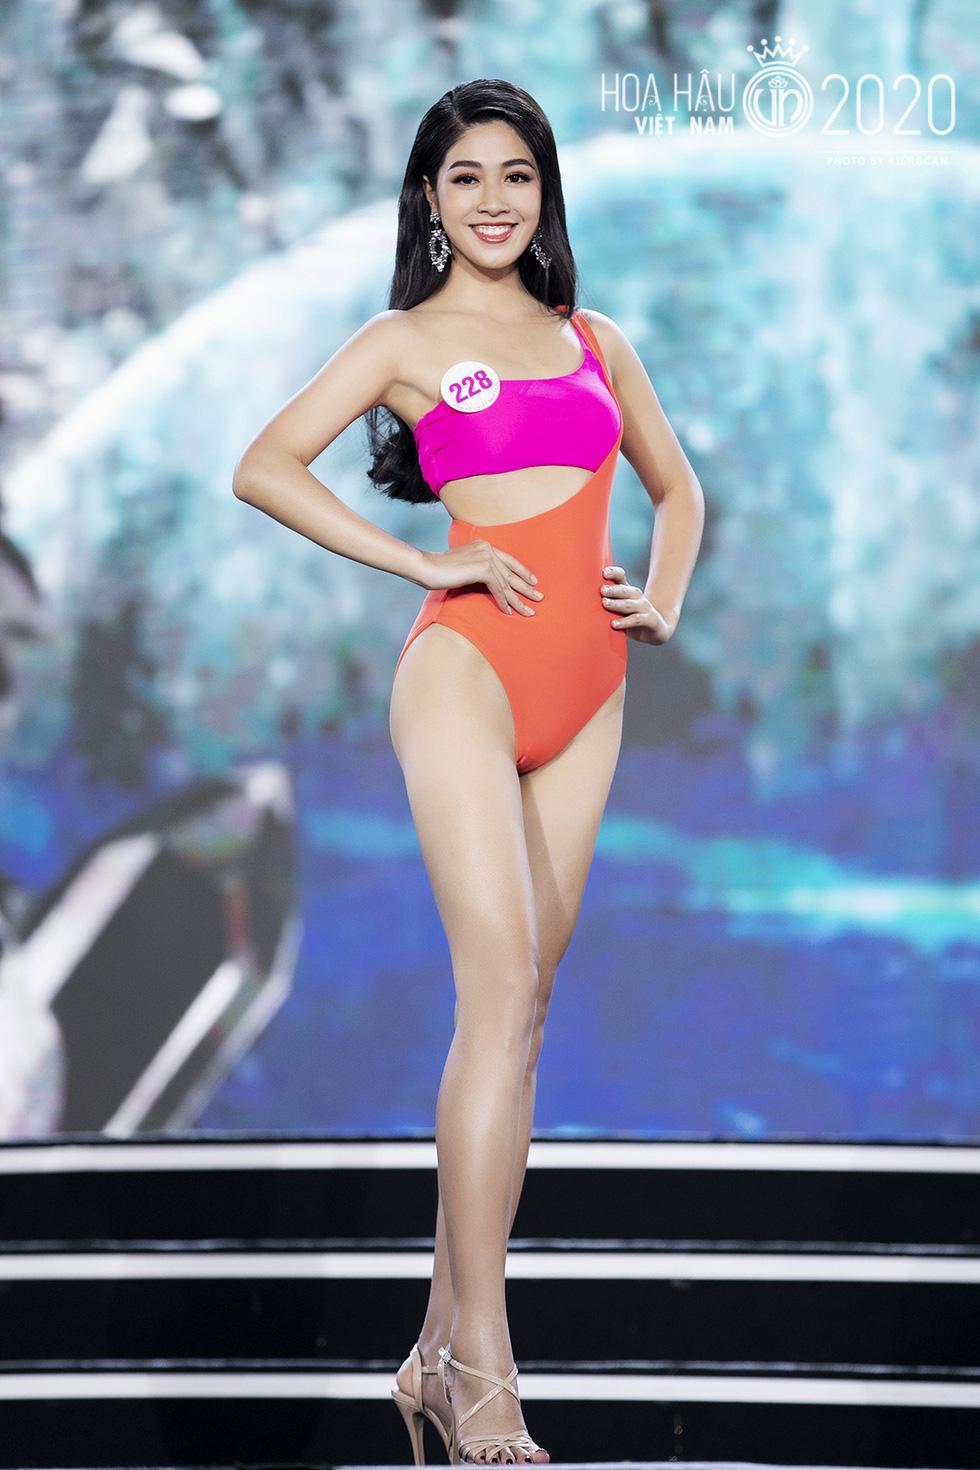 35 gương mặt sáng giá, ai sẽ là Hoa hậu Việt Nam trong đêm chung kết 21-11? - Ảnh 8.